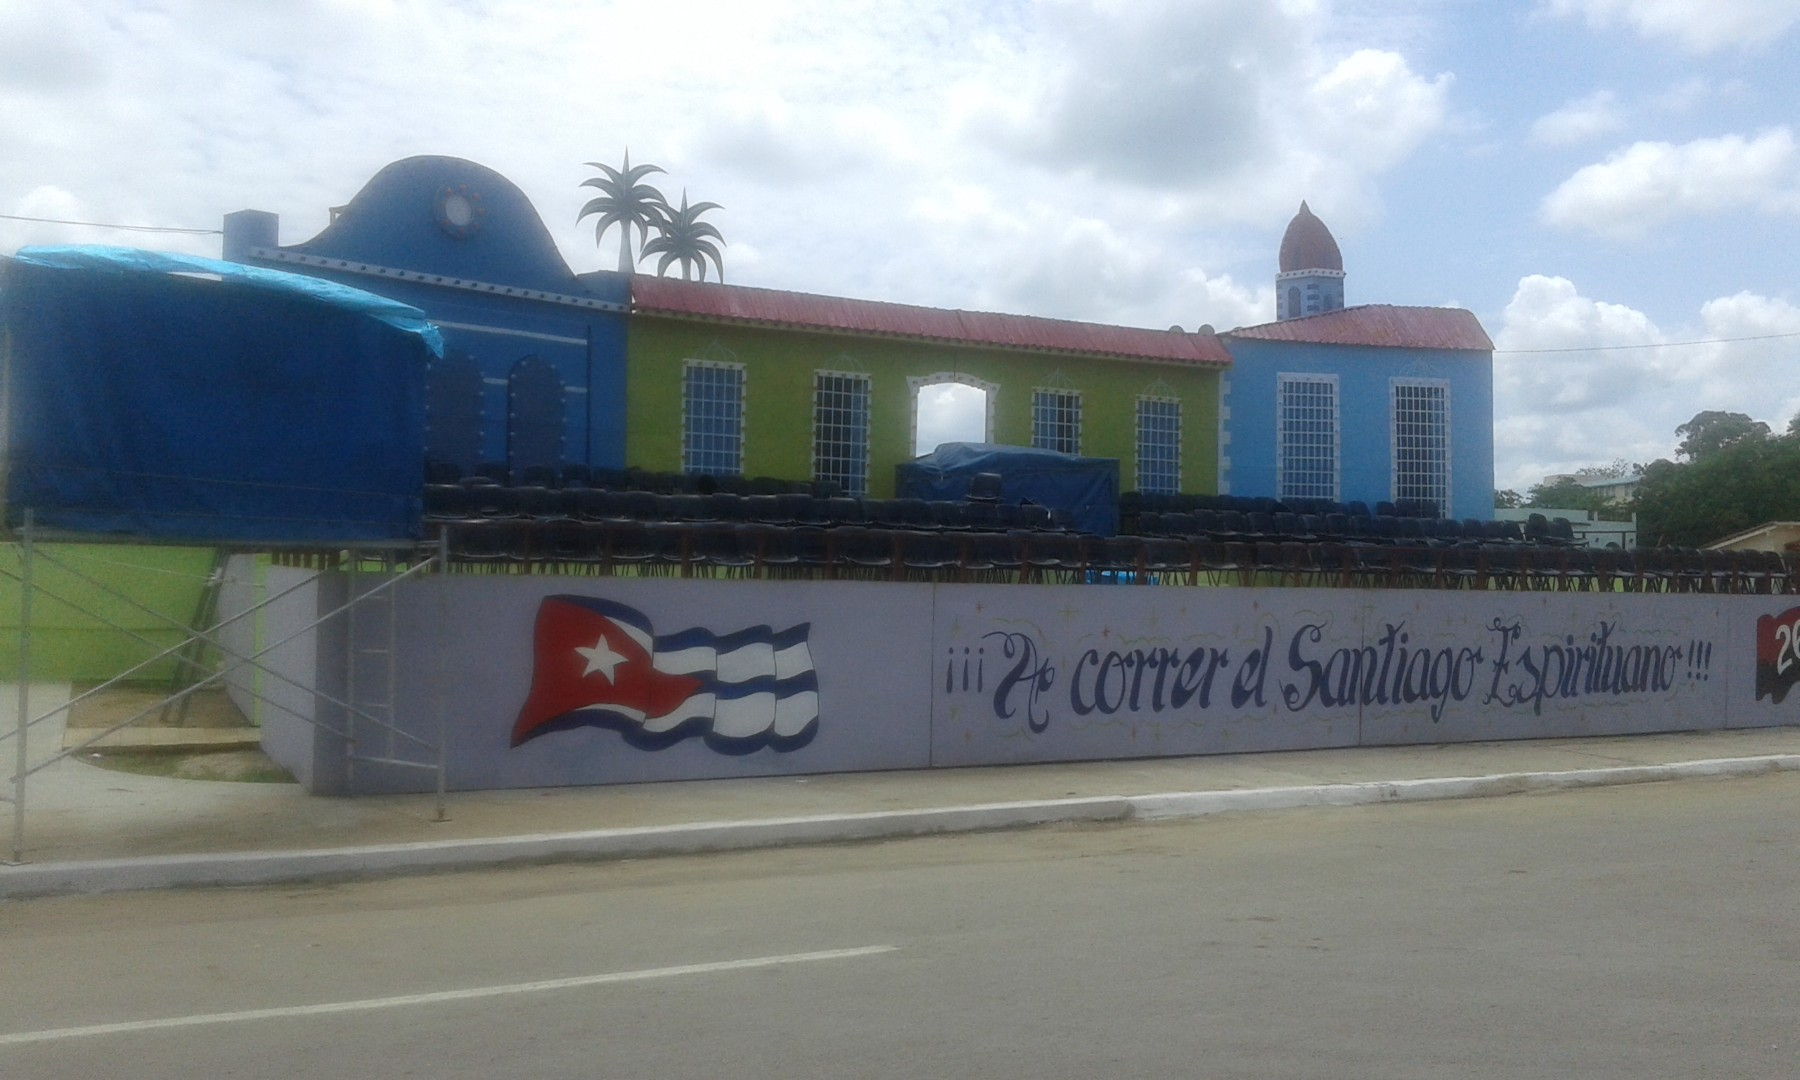 Sancti Spíritus, Sancti Spíritus en 26, Santiago Espirituano, Cuba, carnavales